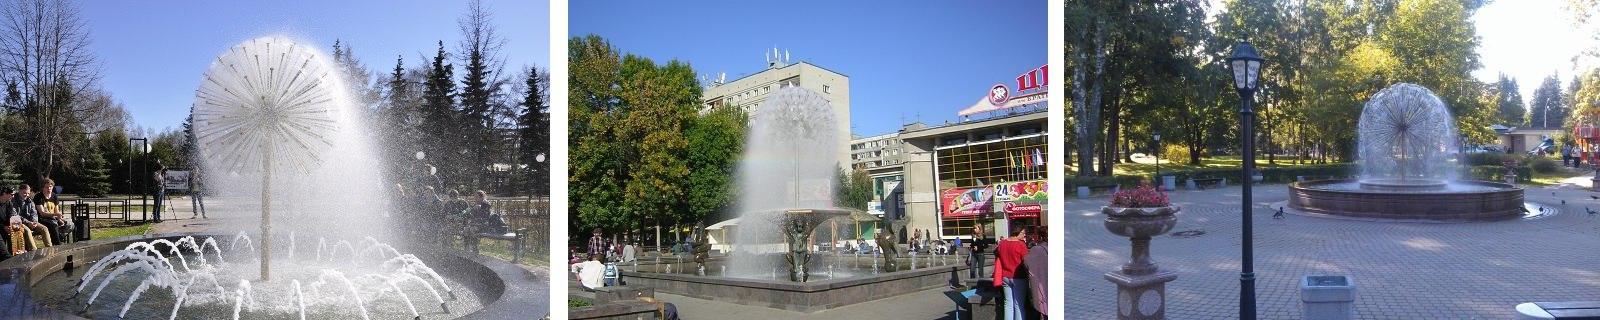 фонтан в сквере, 2018 год